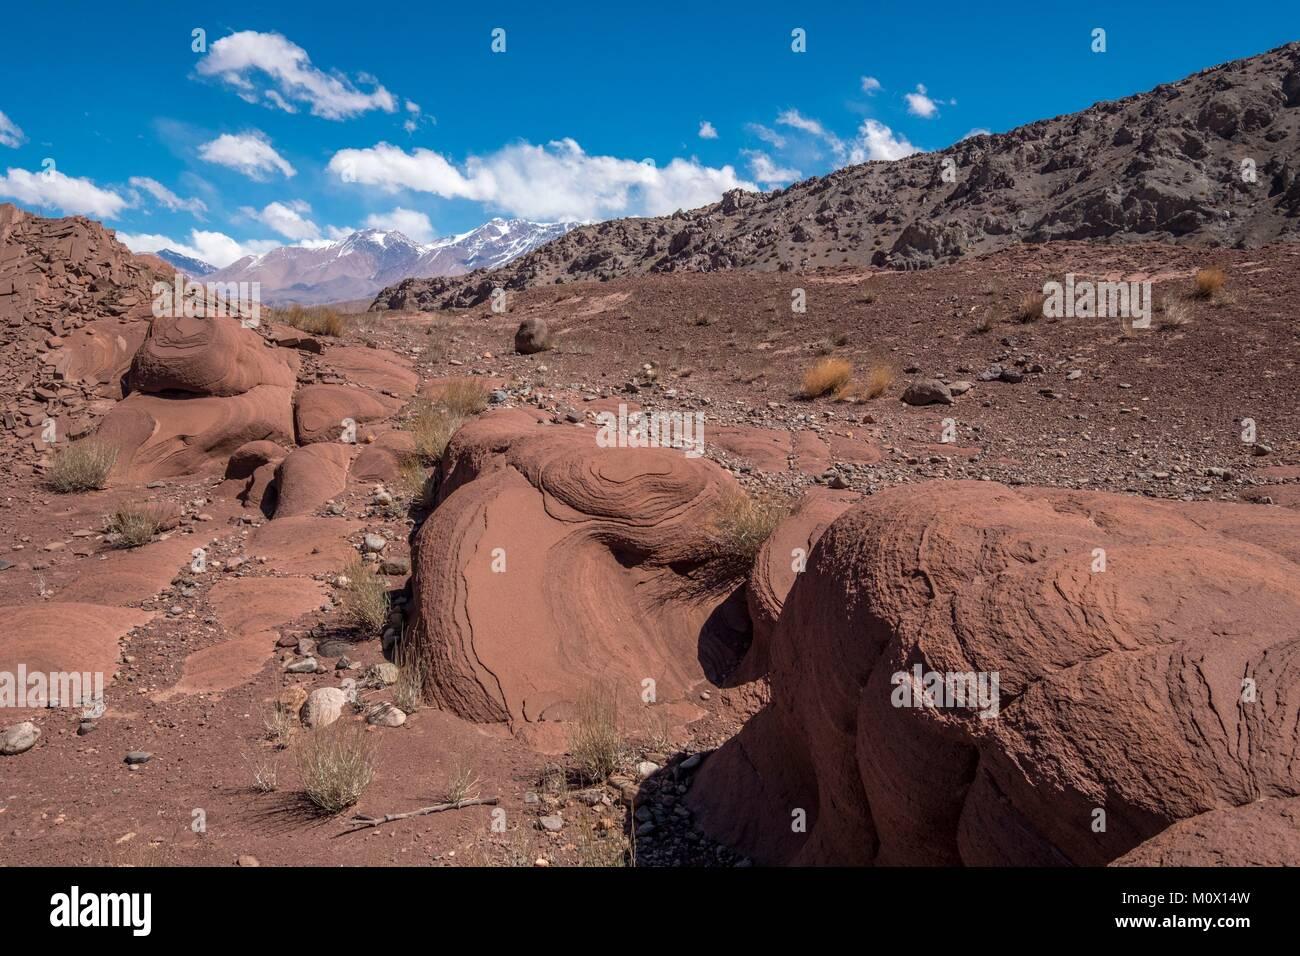 Argentina,San Juan Province,Barreal,Rio de Los Patos valley,wind erosion - Stock Image